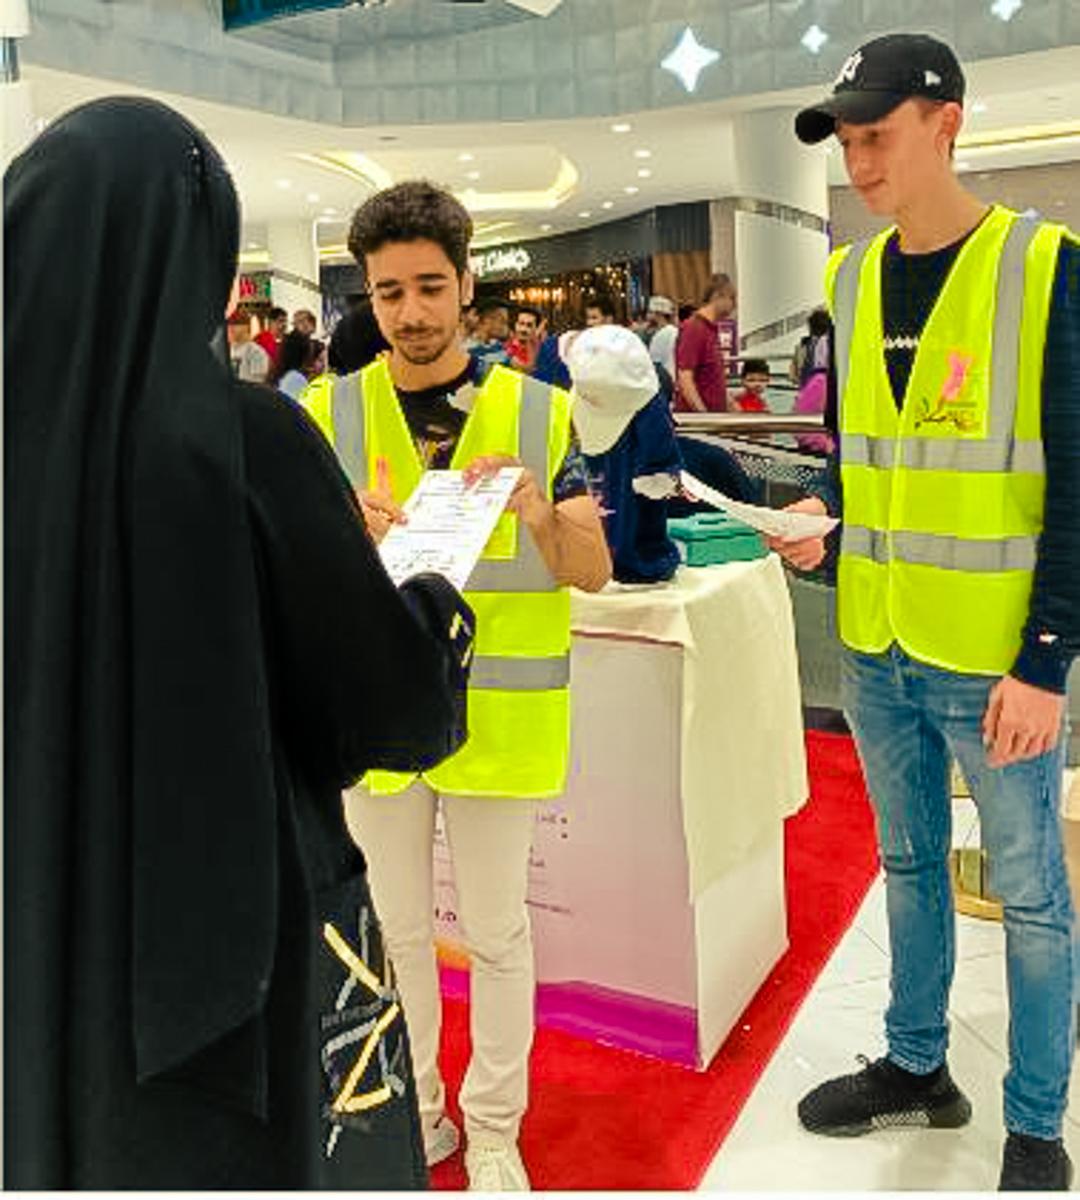 OCA volunteering in malls 6